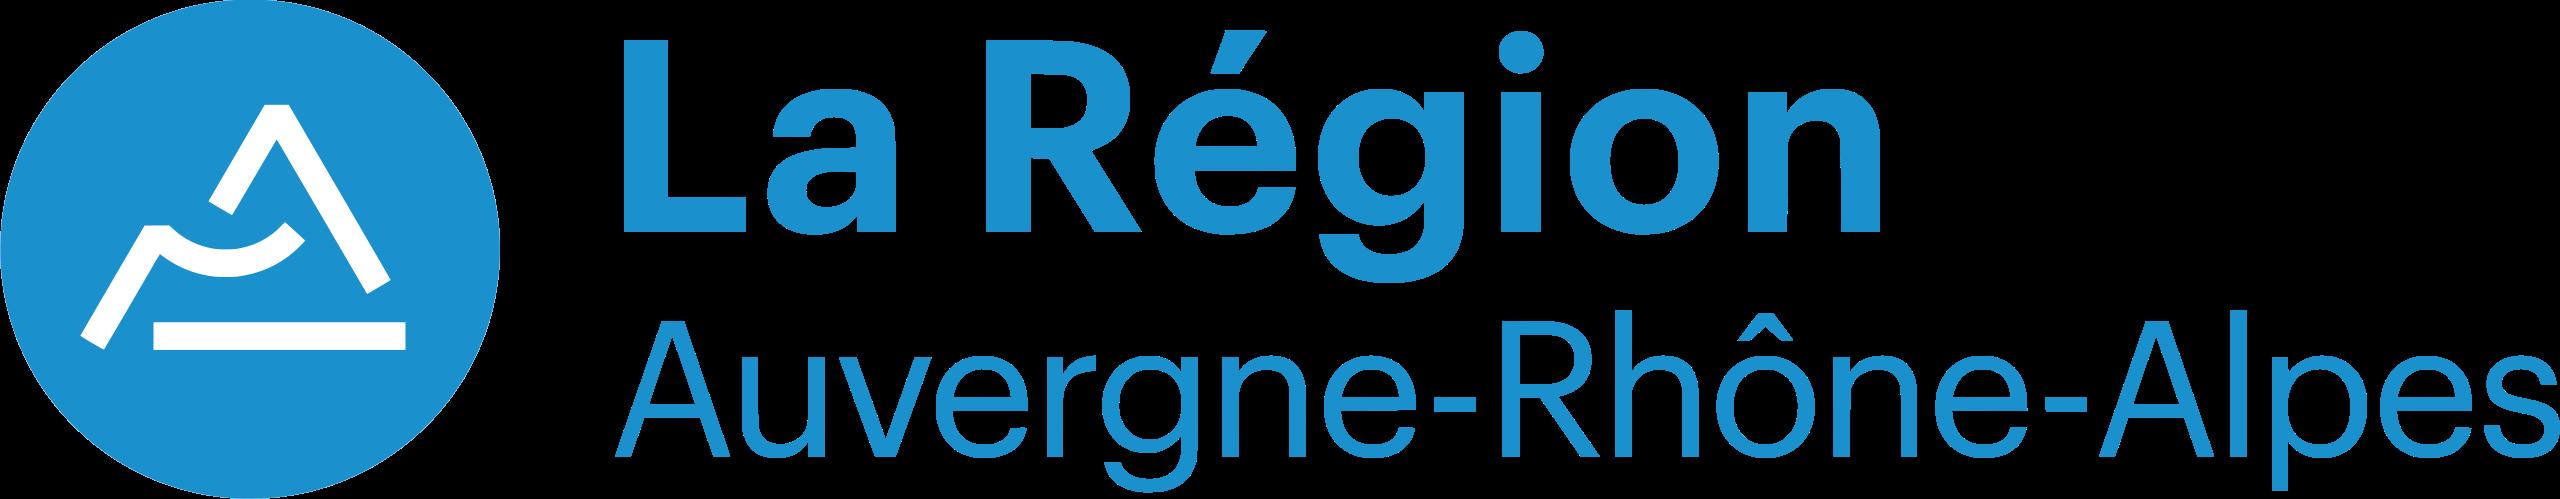 La région Auvergne-Rhône-Alpes organise ce soir une conférence sur les impacts de la crise sanitaire sur les restaurants, bars, hôtels et établissements de nuit.